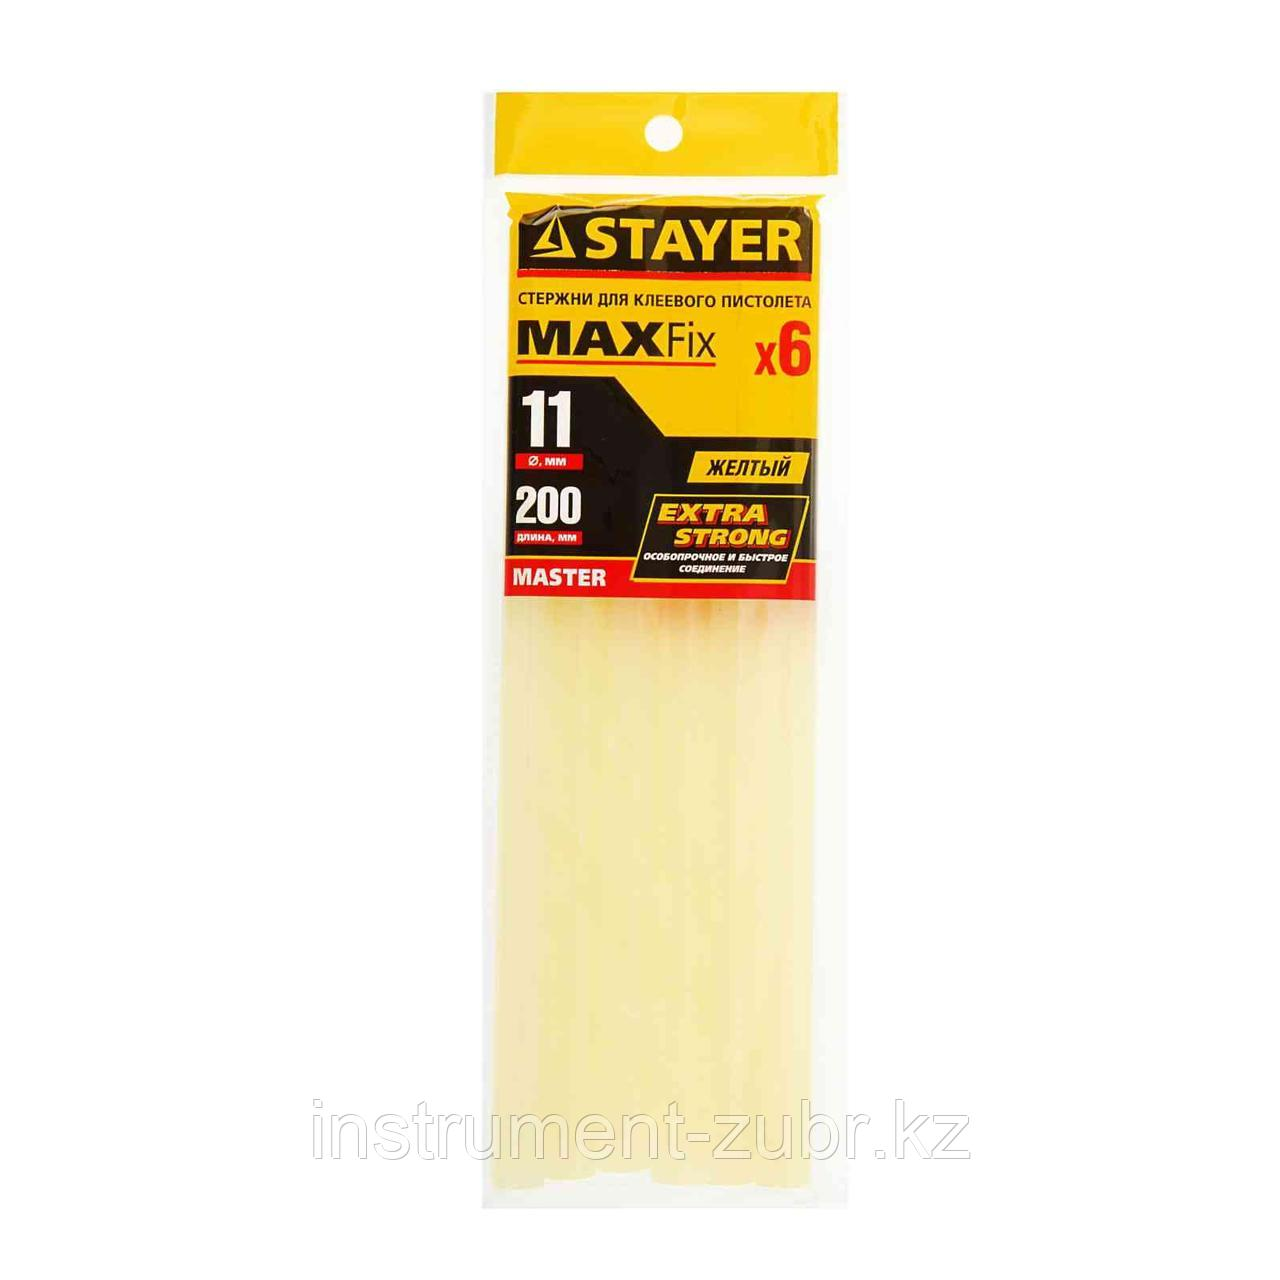 Стержни STAYER для клеевых (термоклеящих) пистолетов, цвет желтый по бумаге и дереву, 11х200мм, 6шт